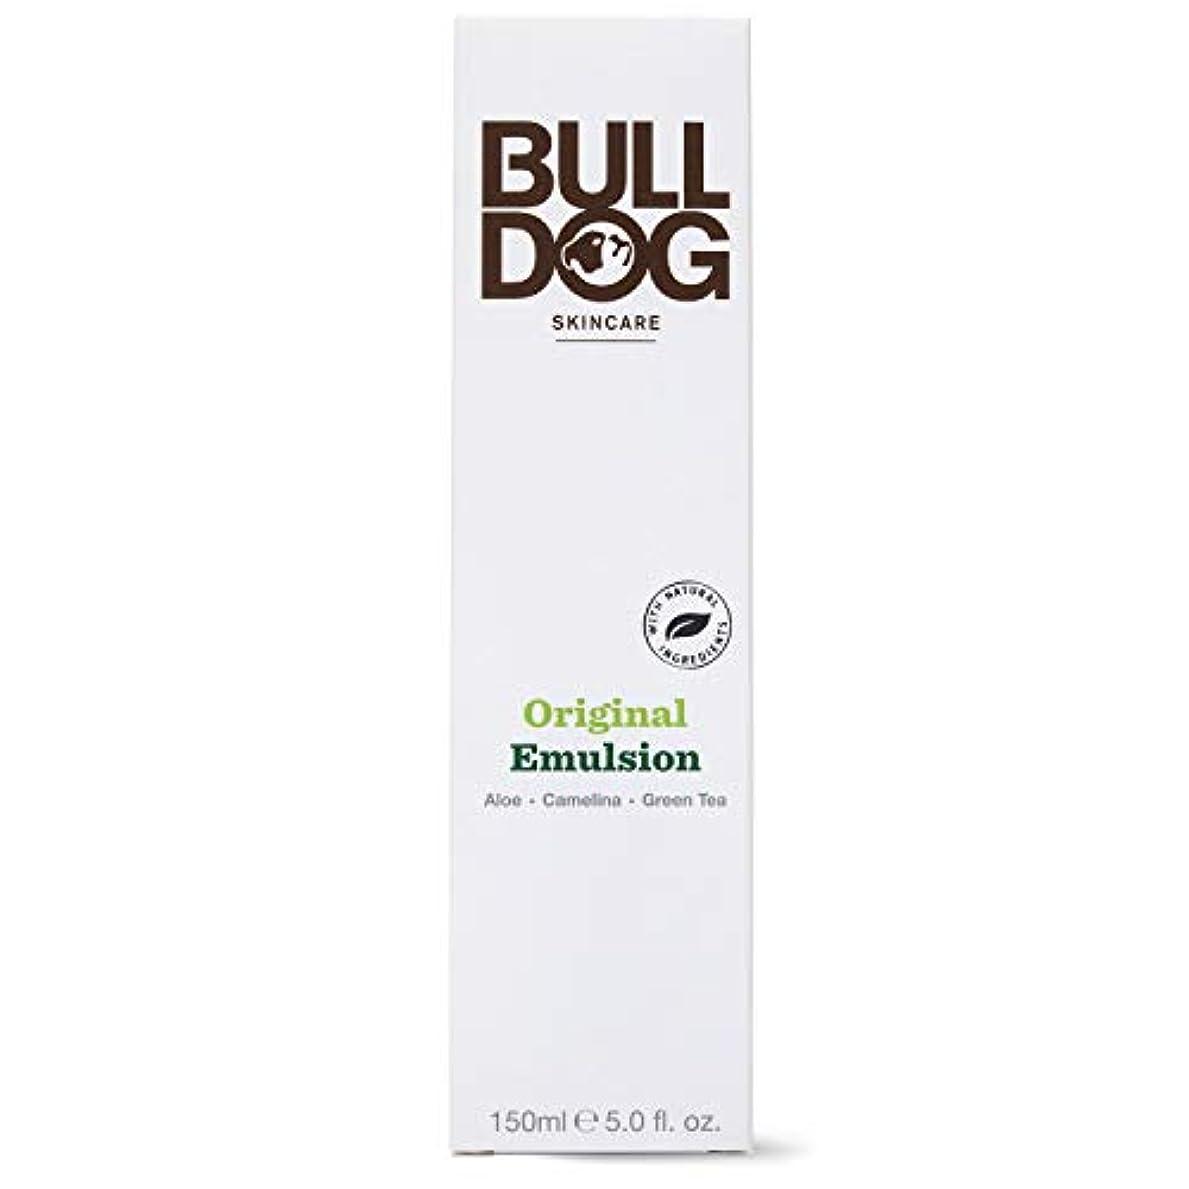 プログラム付録令状Bulldog(ブルドッグ) ブルドッグ Bulldog オリジナル エマルジョン 乳液 150ml 肌をすっきり なめらかに